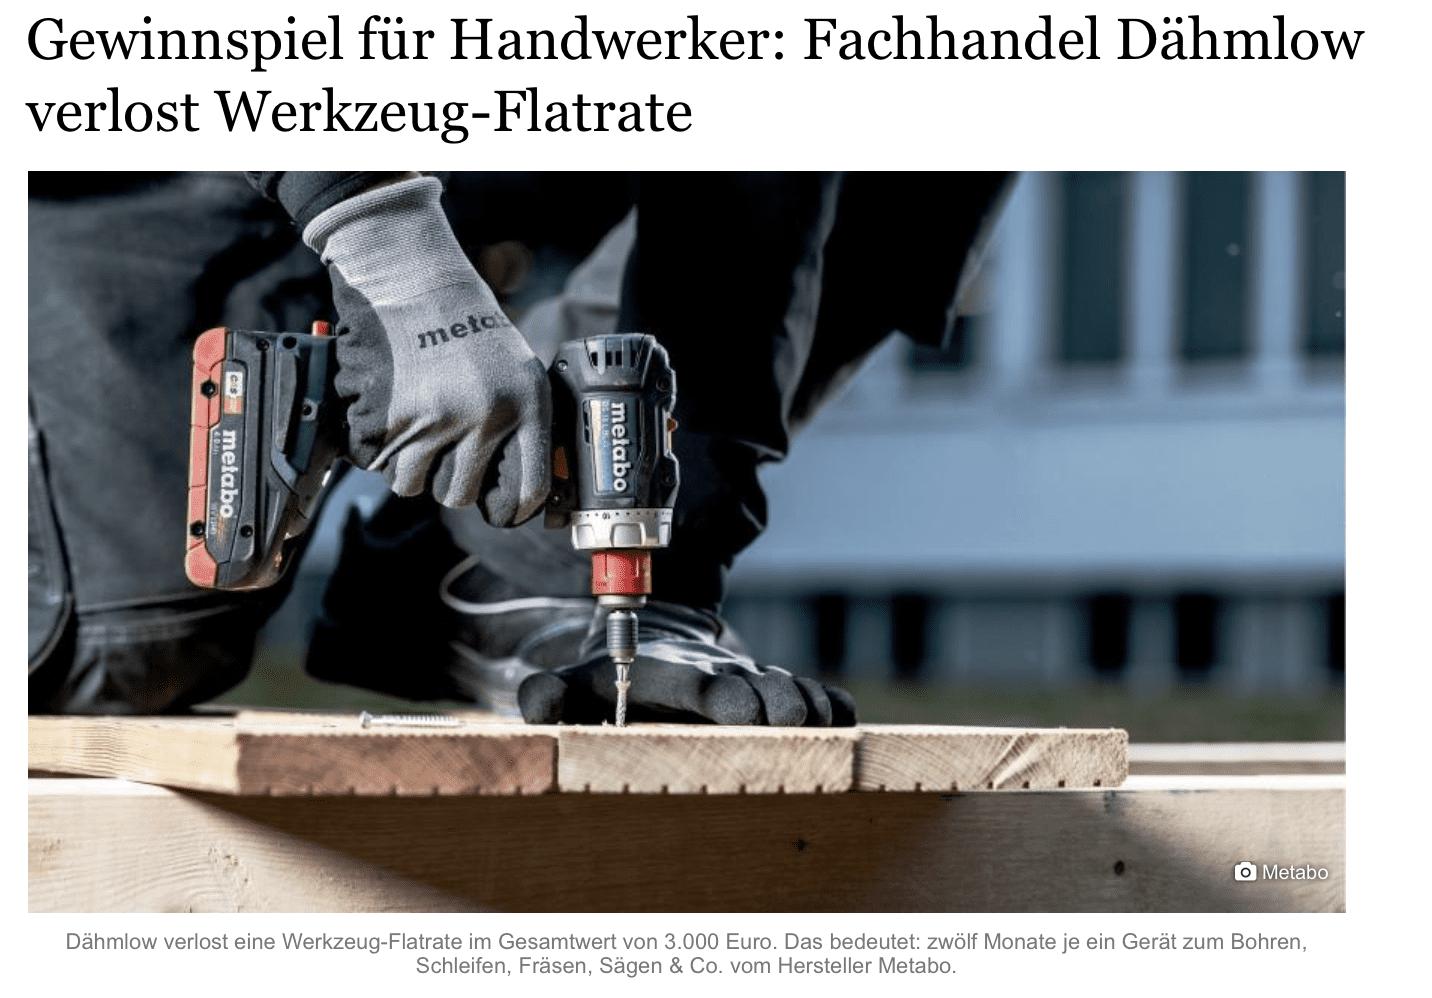 """Gewinnspiel-Cases """"Dienstleistungen, Handwerk"""" Dähmlow"""